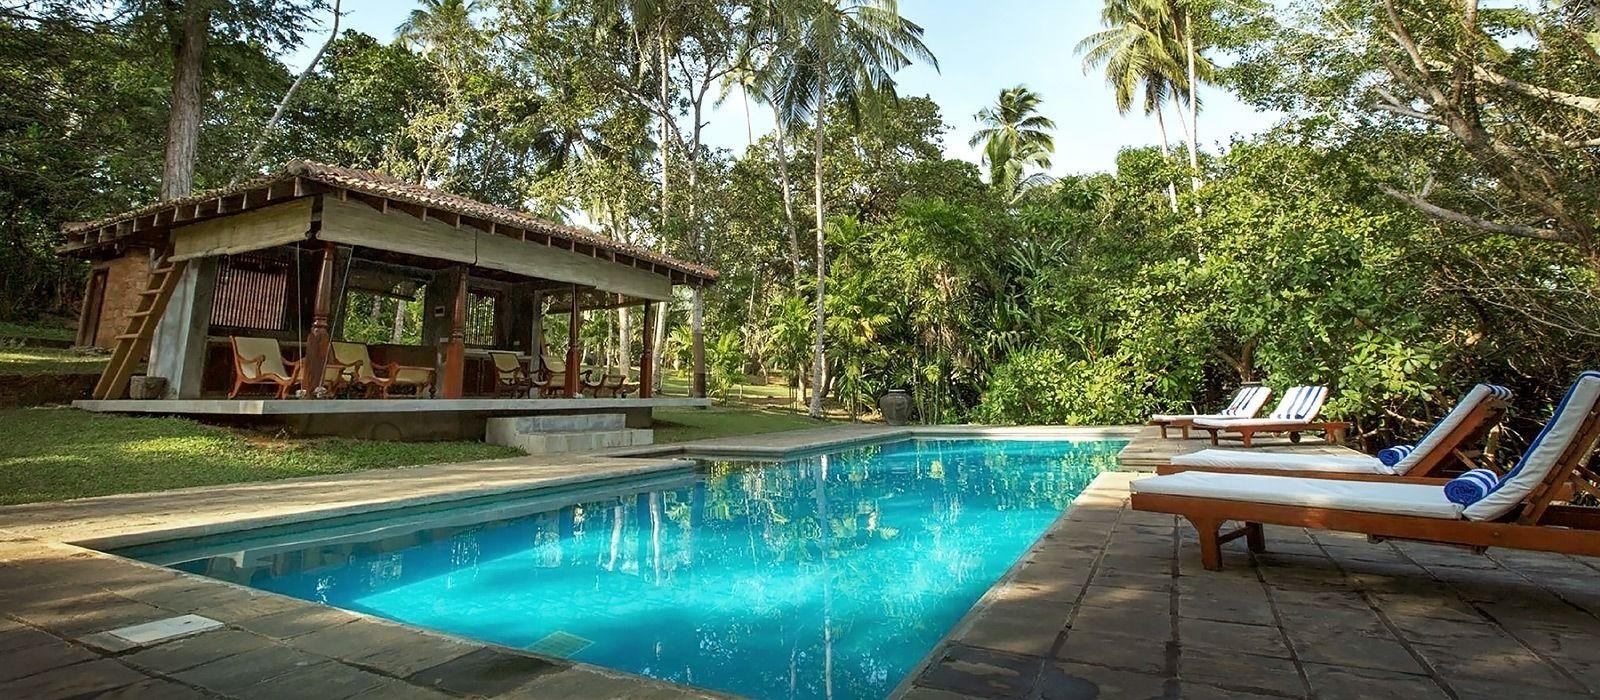 Destination Balapitiya Sri Lanka